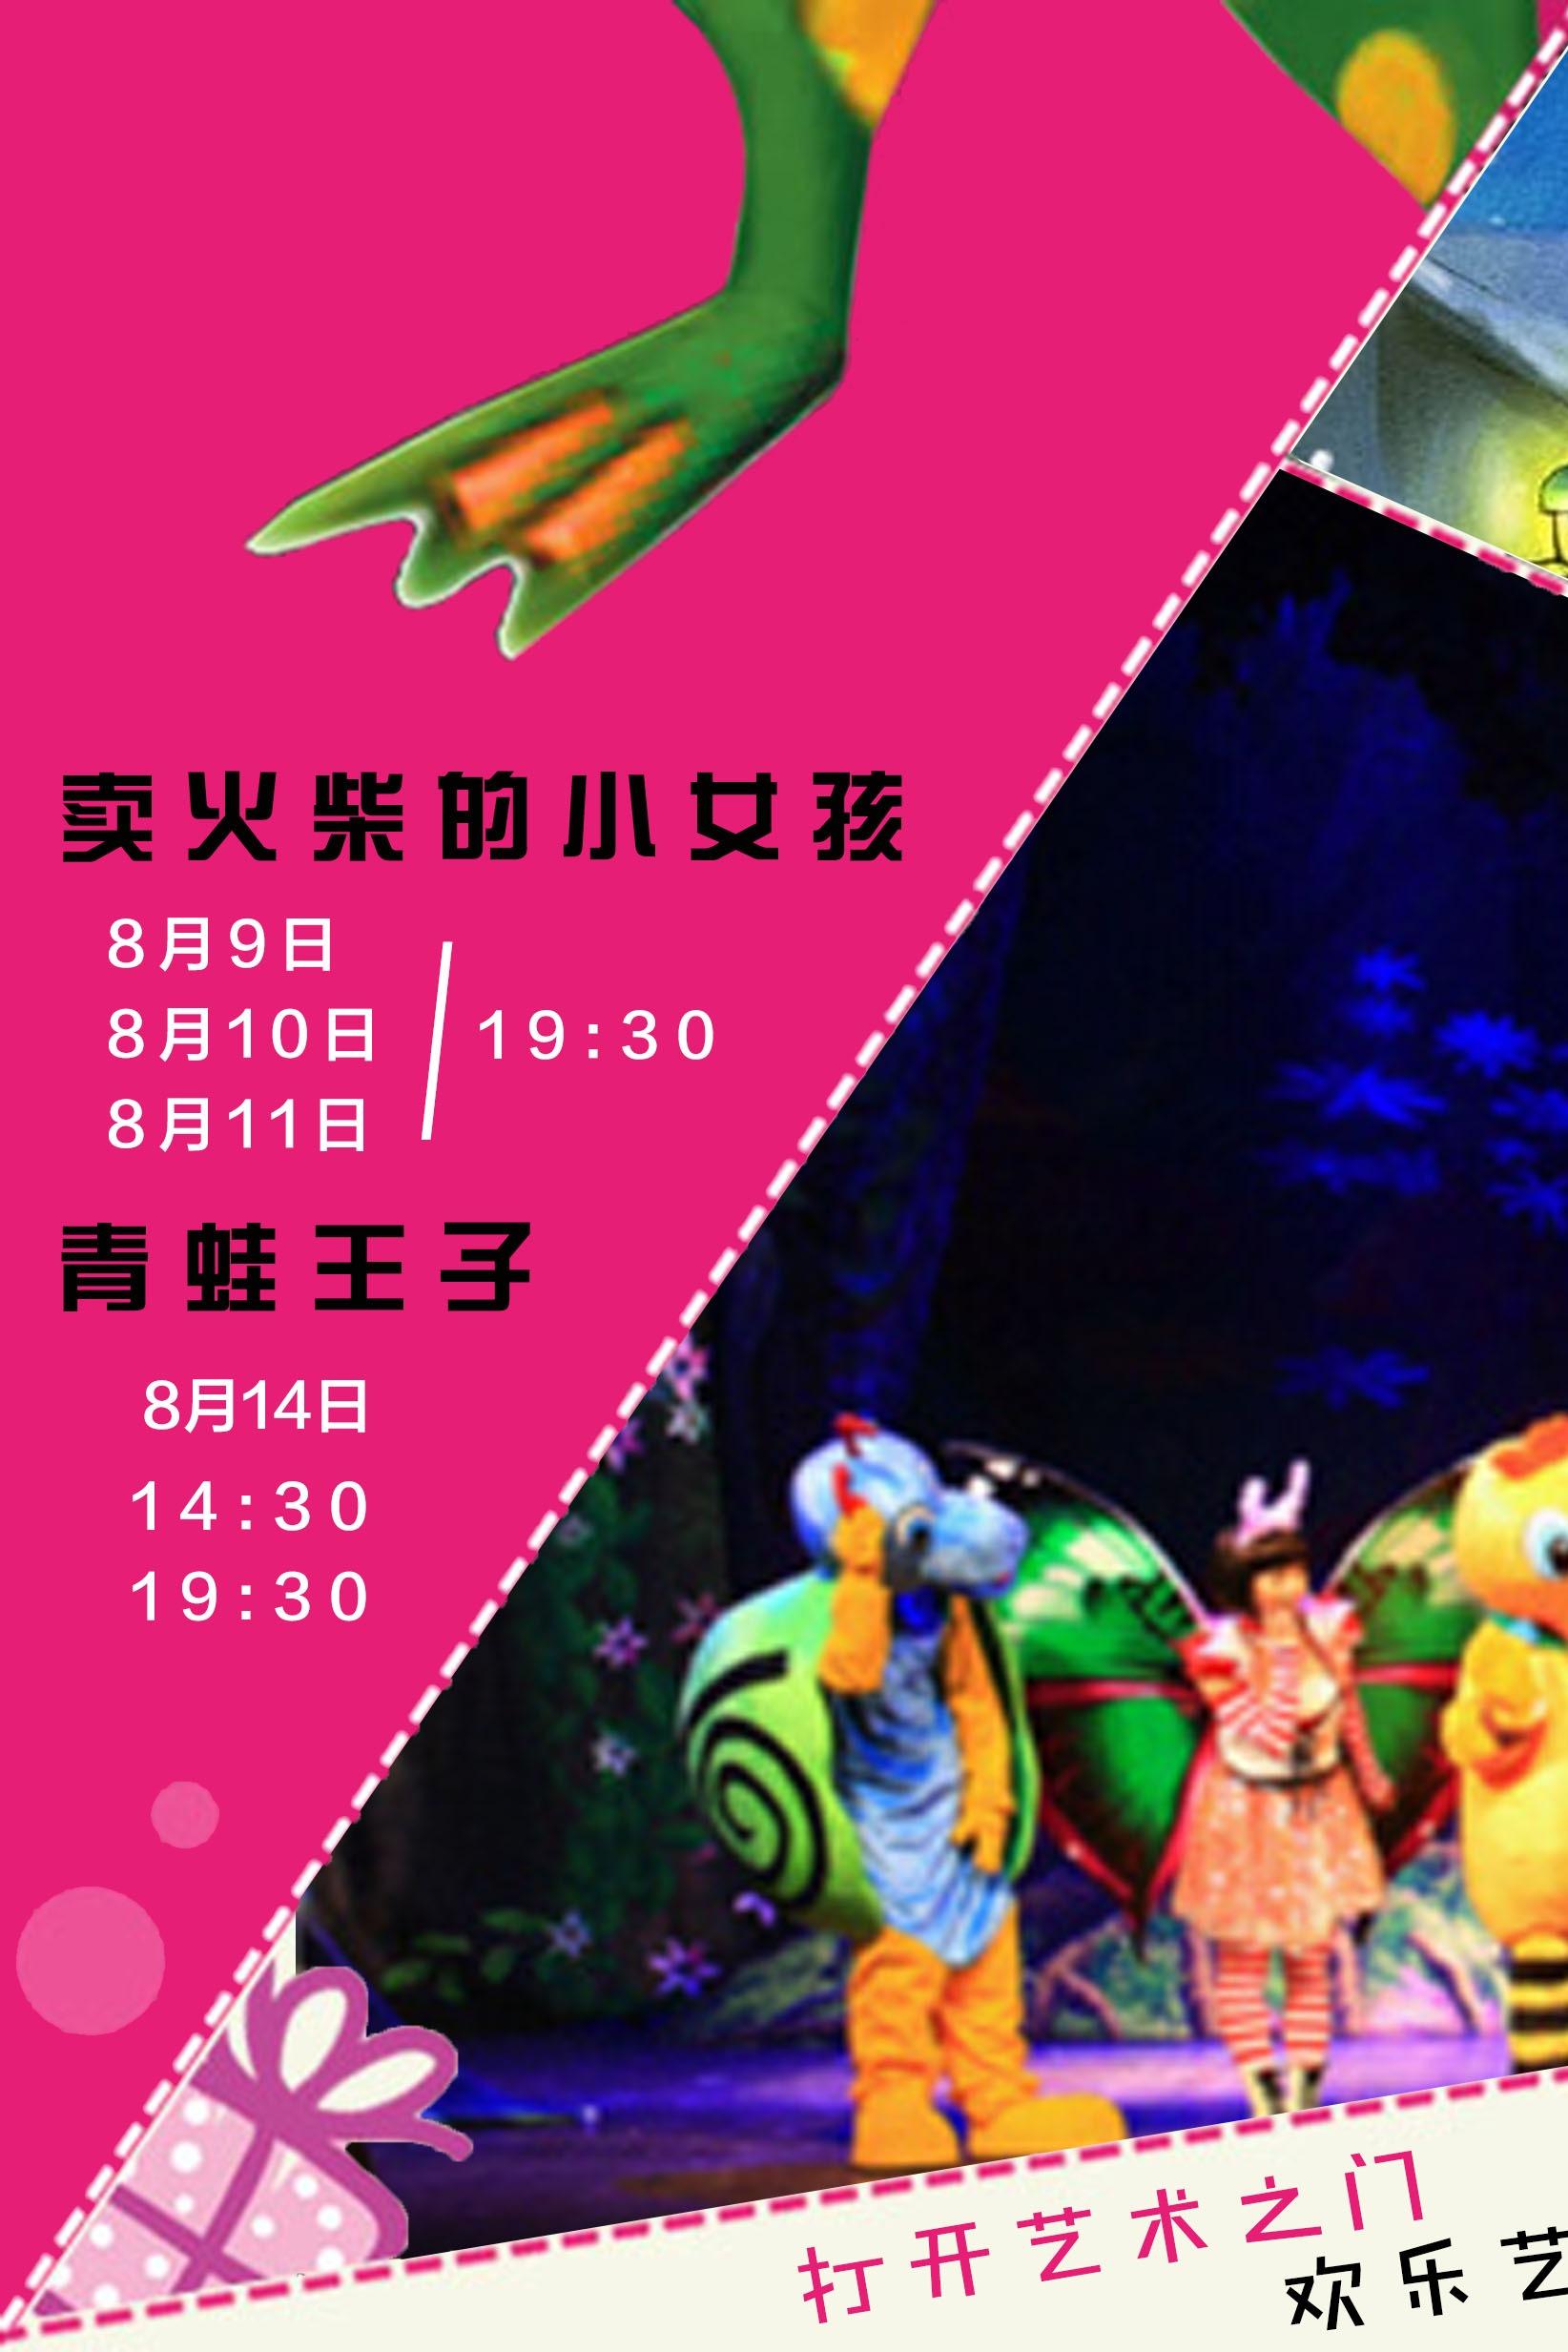 【青蛙王子】保利剧院暑期展演亲子儿童舞台剧